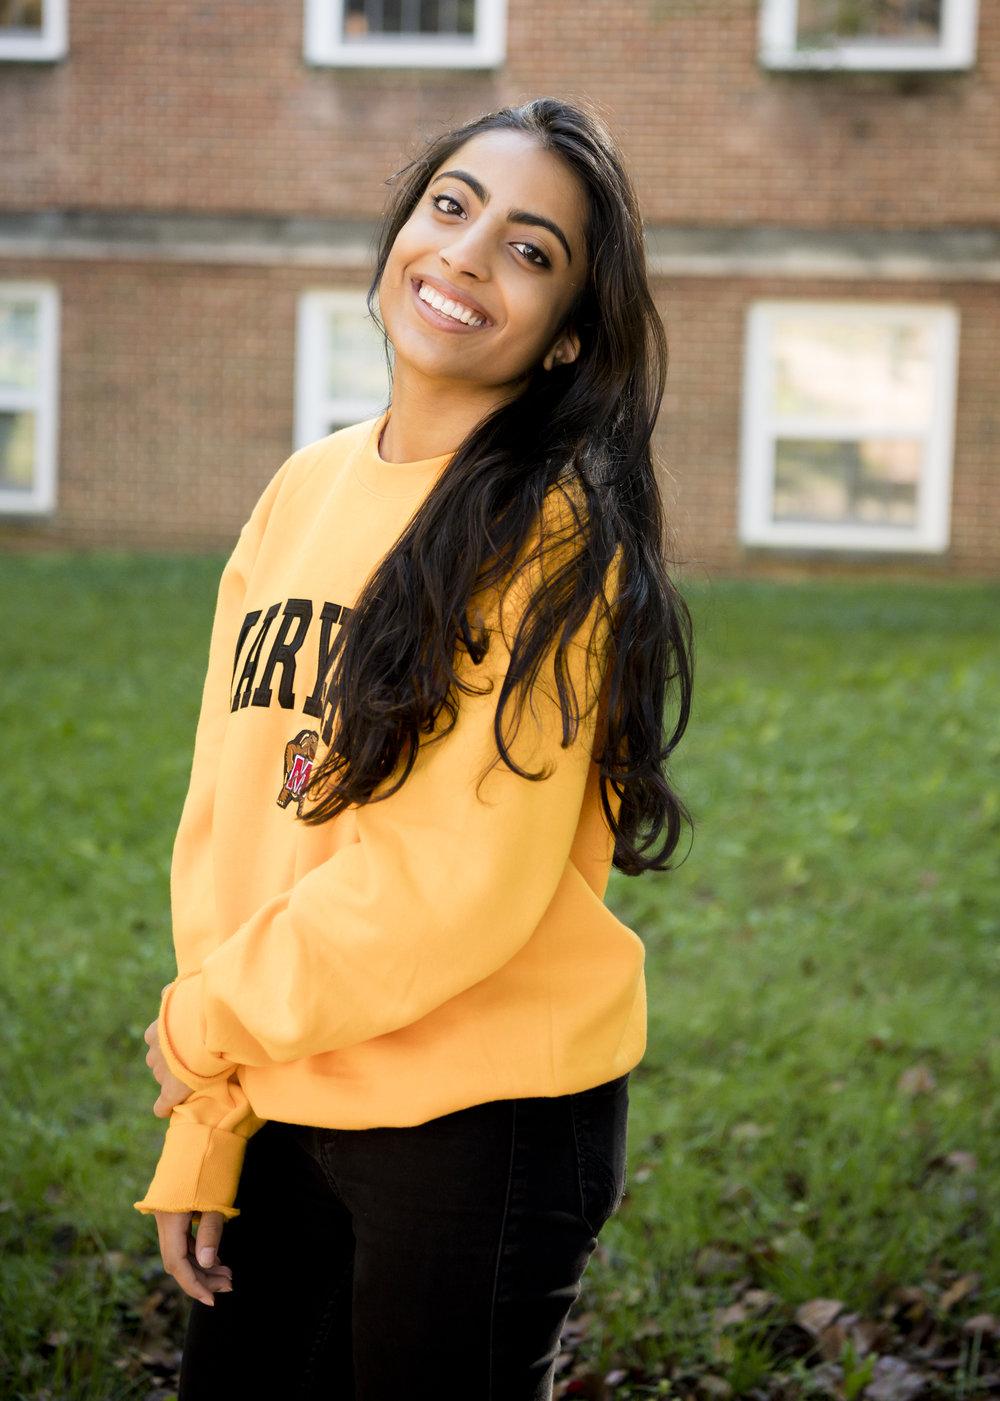 Samhita Chaundury - Junior, Bioengineering